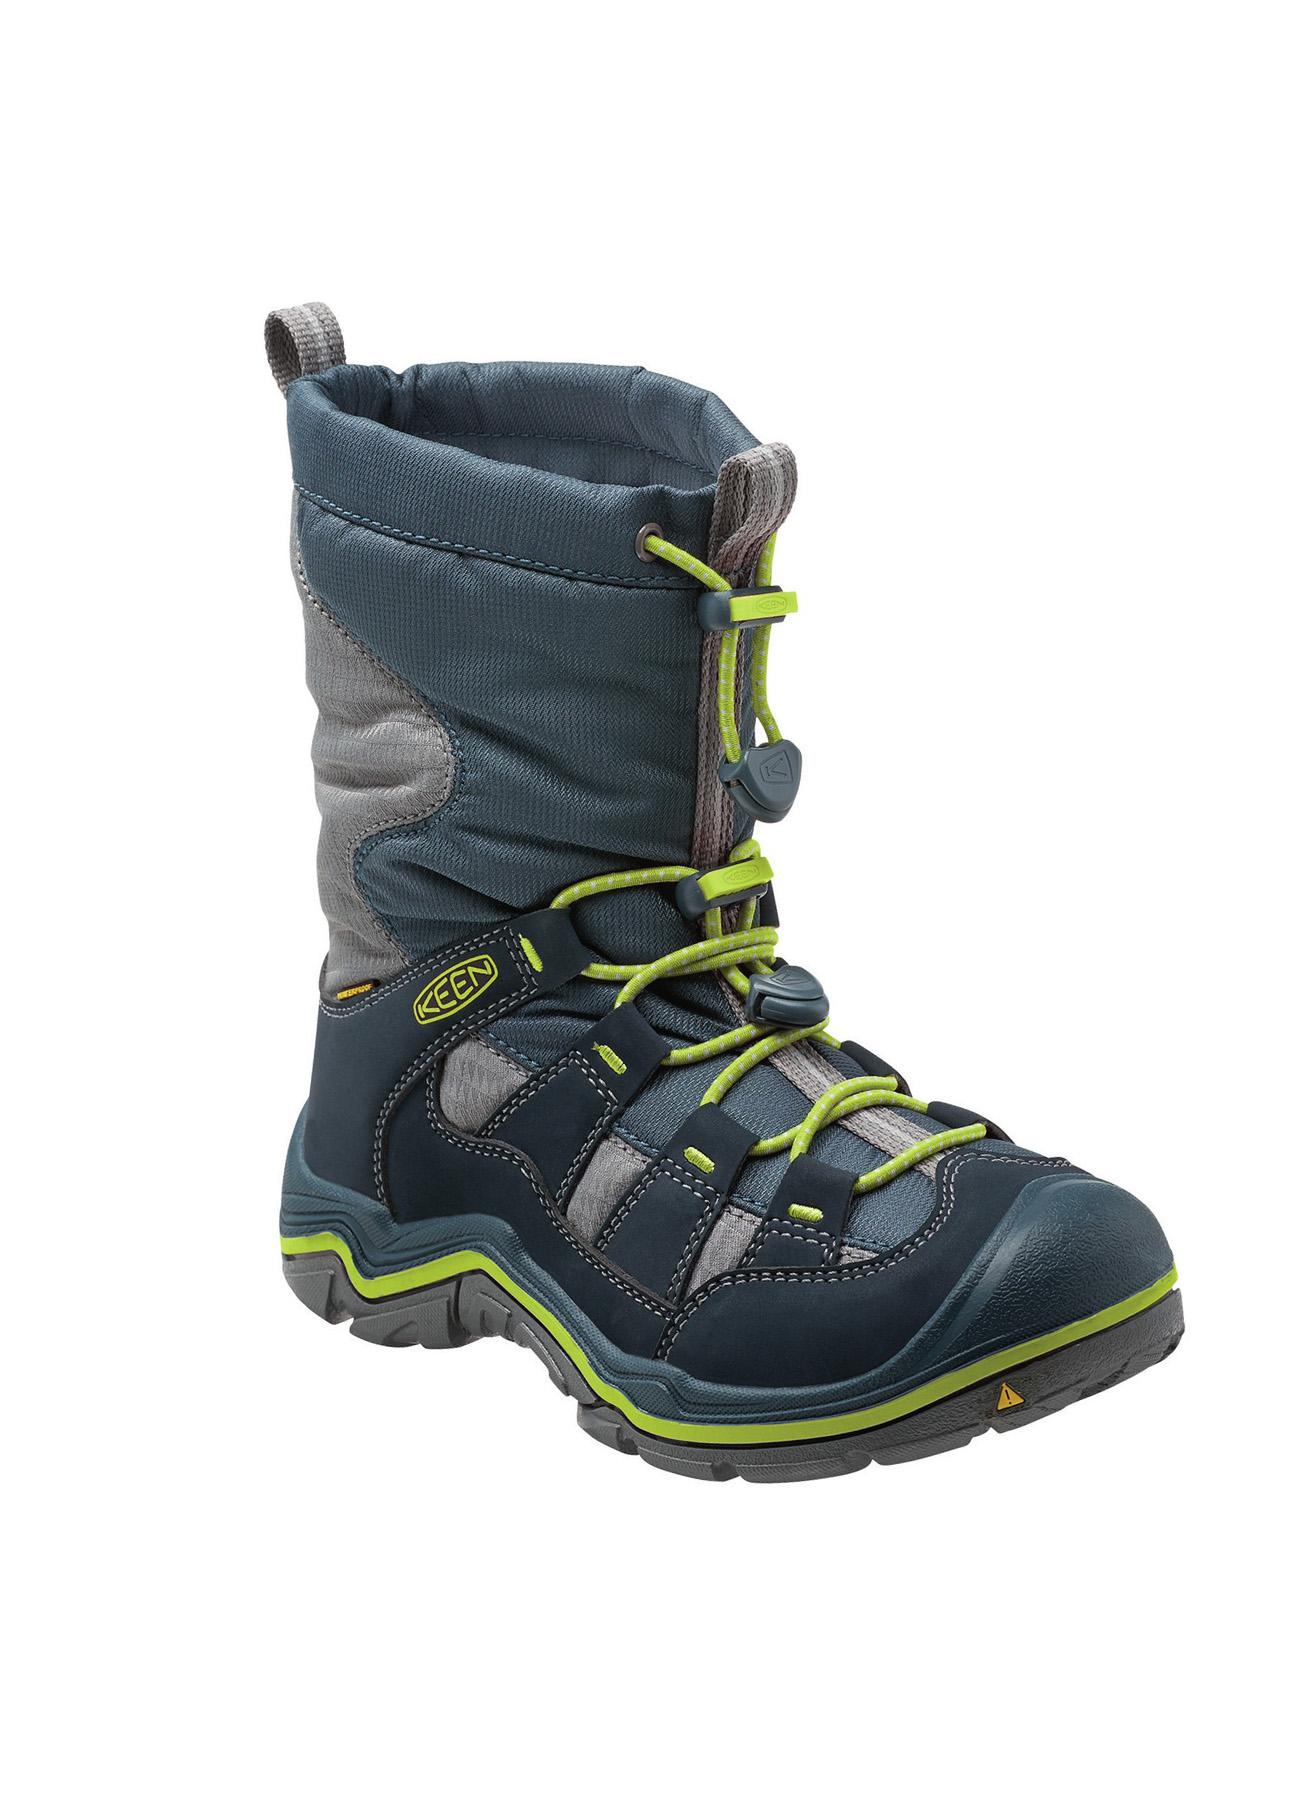 Keen Waterproof Yeşil-Lacivert Çizme 34 5002339948002 Ürün Resmi